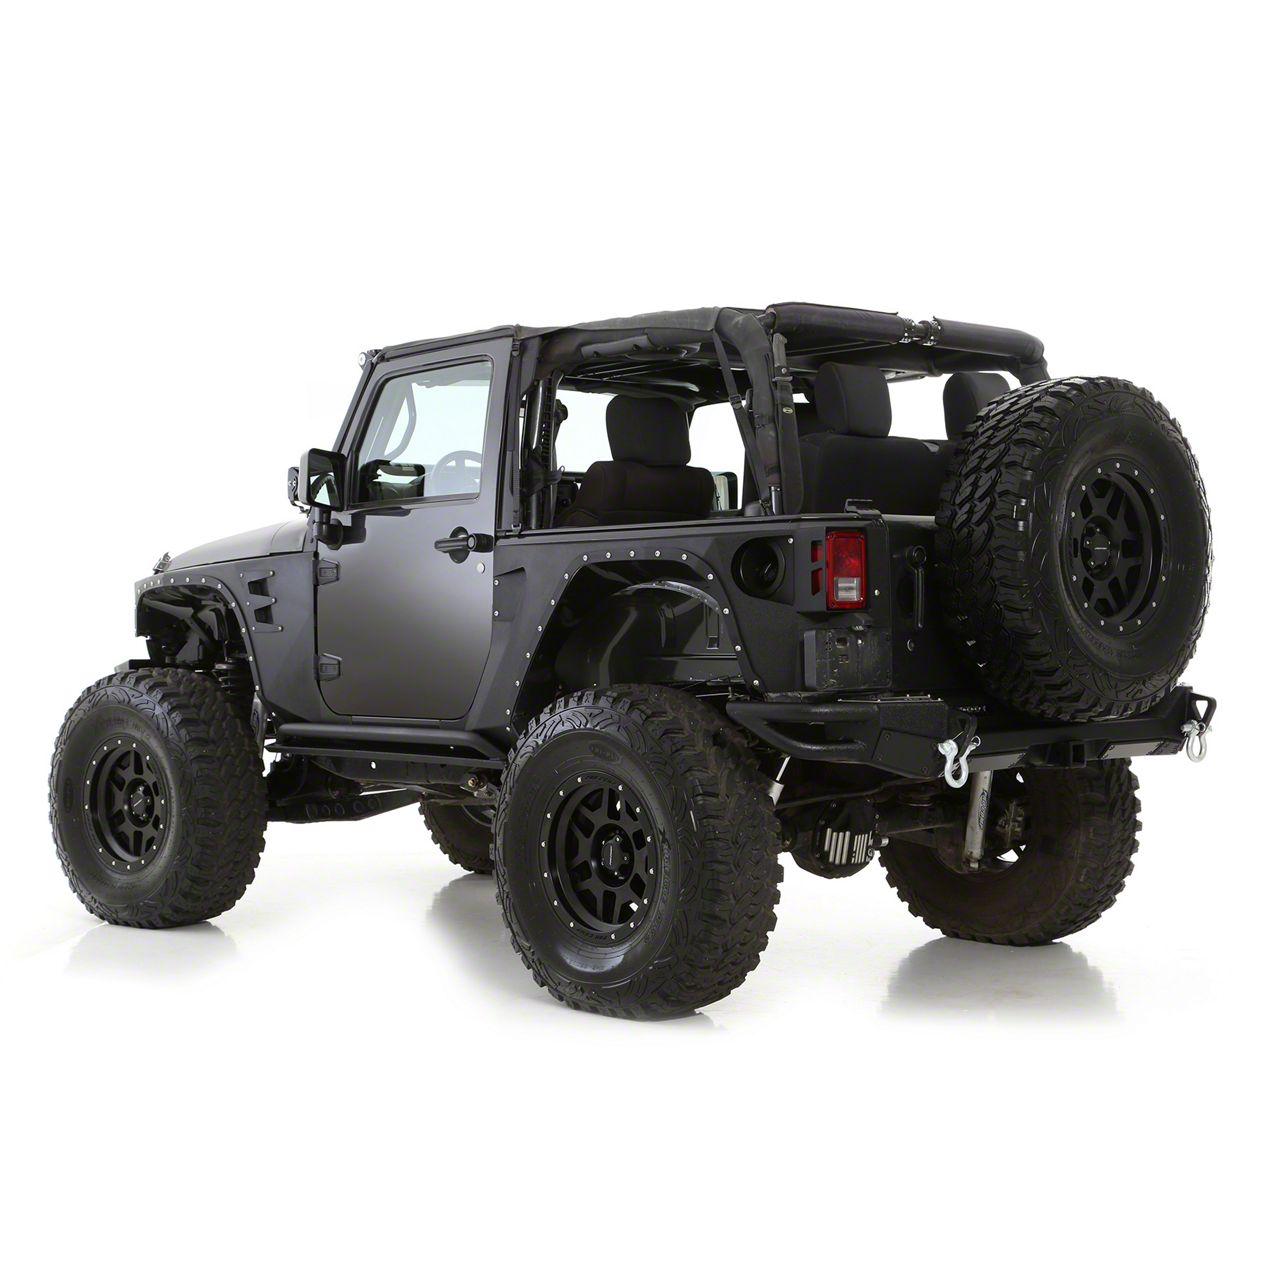 Smittybilt XRC Rear Corner Guards - Black Textured (07-18 Jeep Wrangler JK 2 Door)